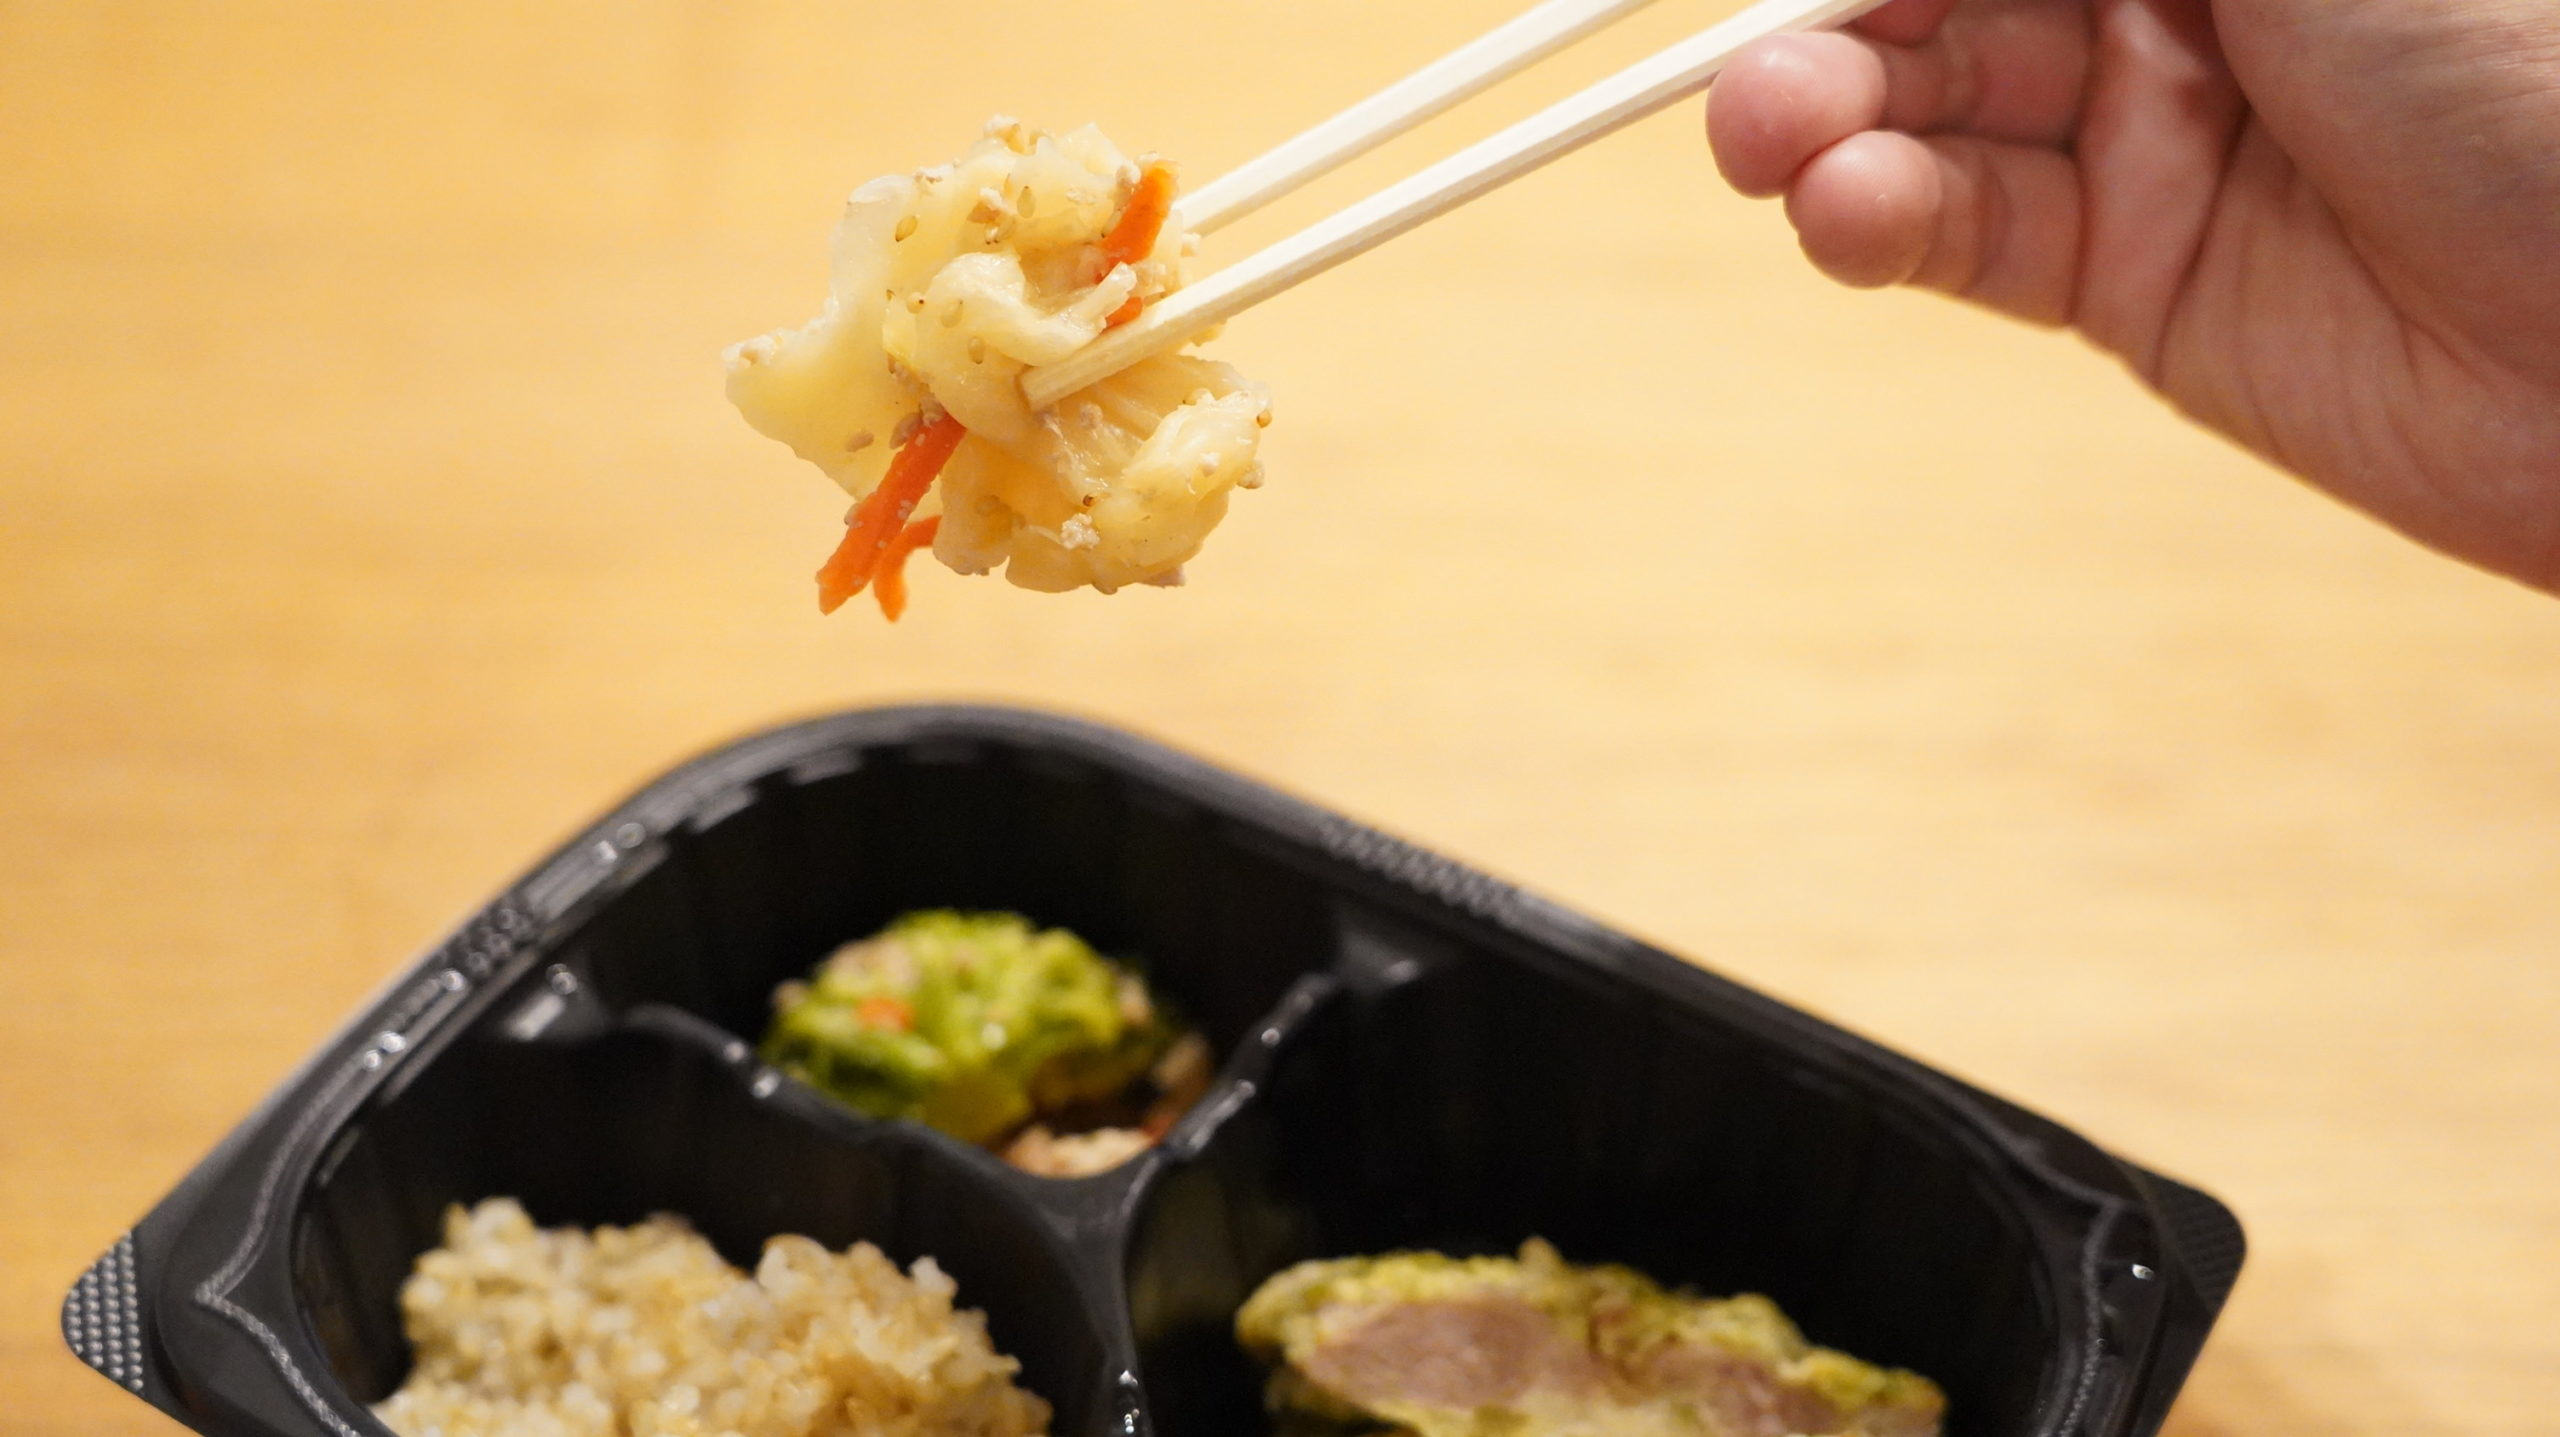 マッスルデリ(Muscle Deli)の鶏肉の青のりピカタセットのキャベツと人参をゴマとポン酢で味付けした惣菜の写真